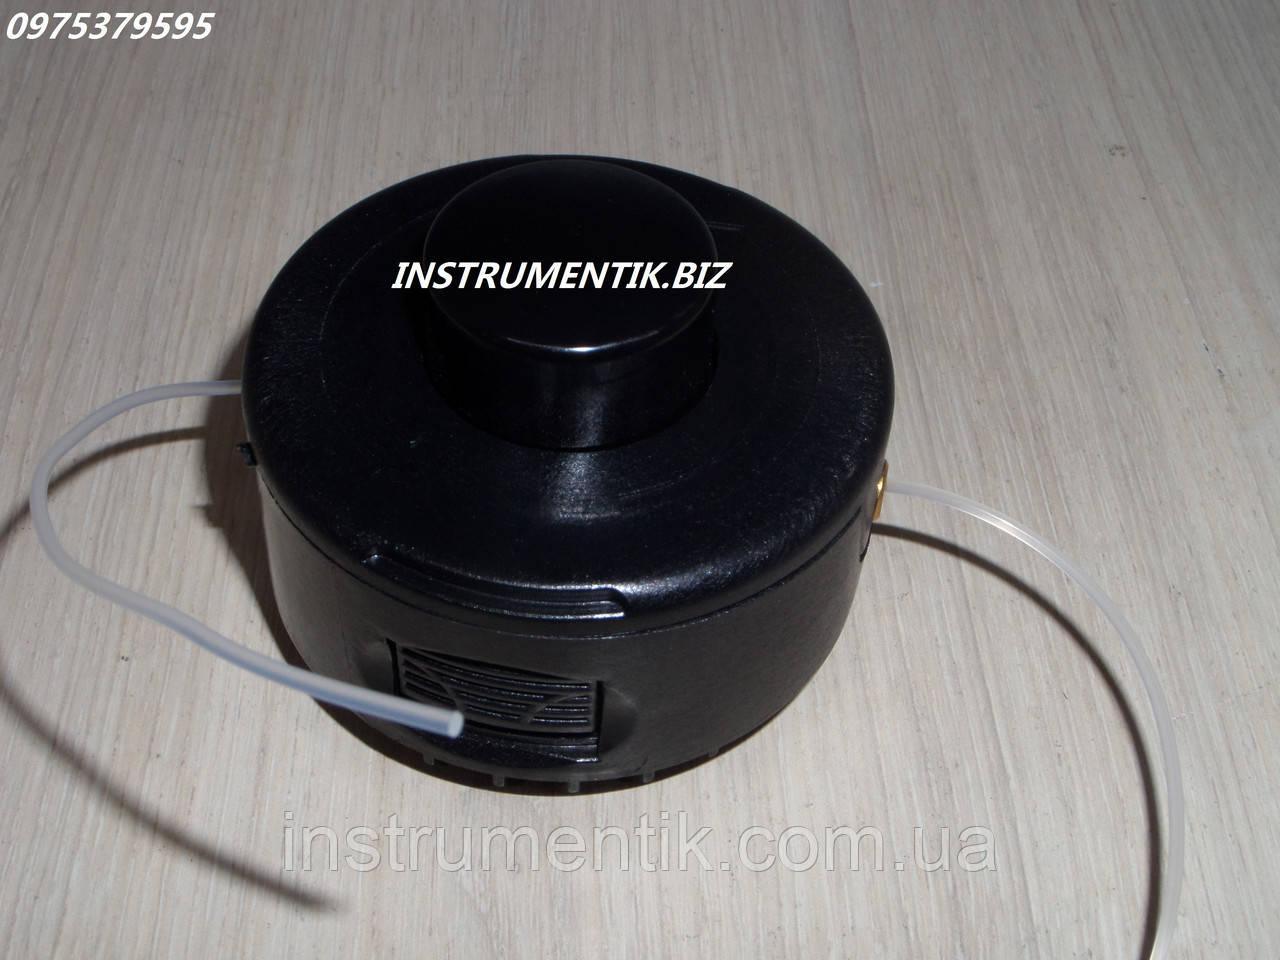 Катушка электрокосы без носика 8 мм